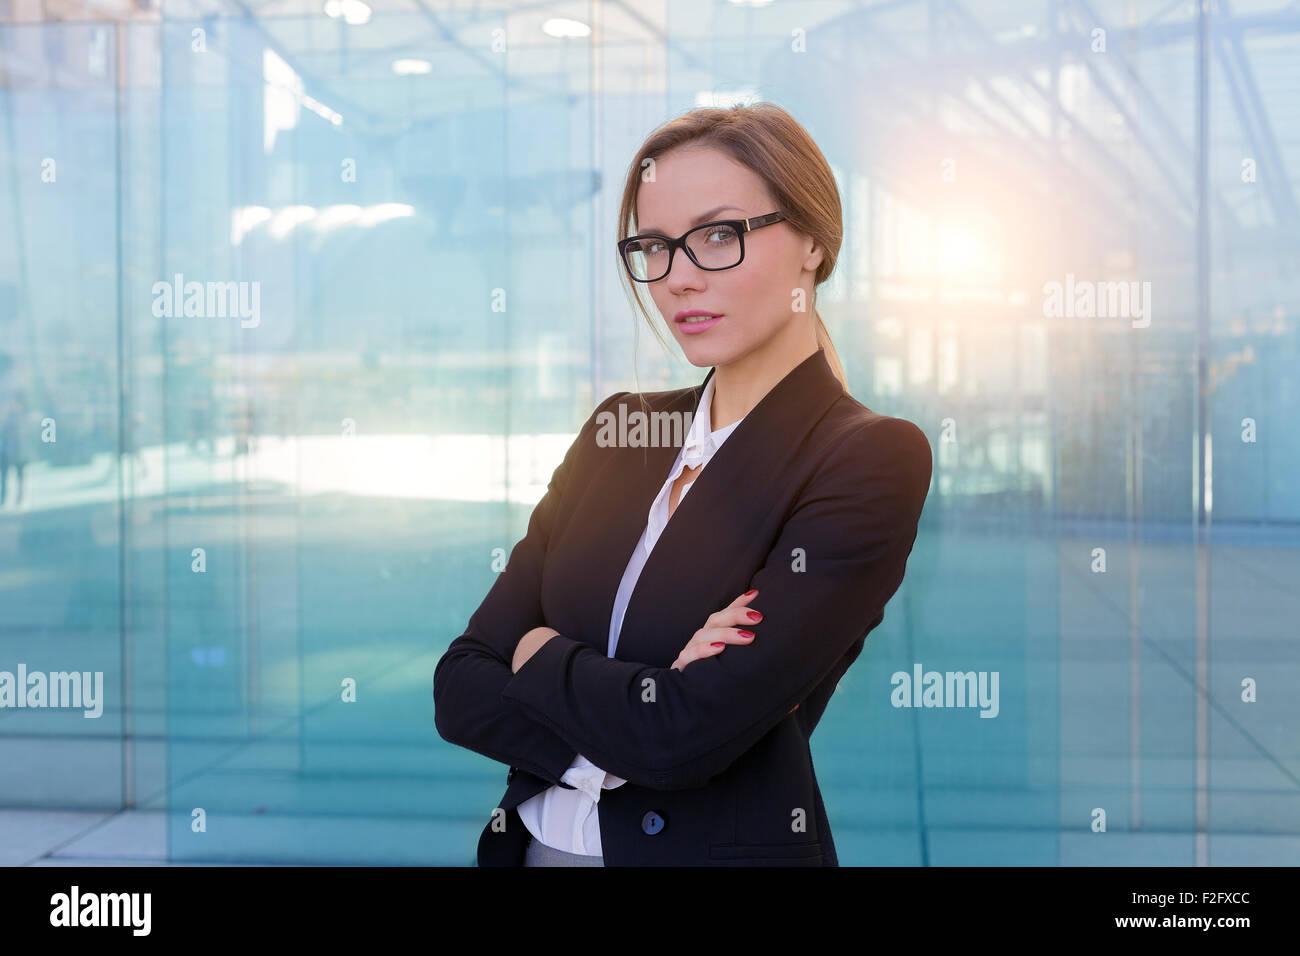 Porträt einer Geschäftsfrau Stockbild